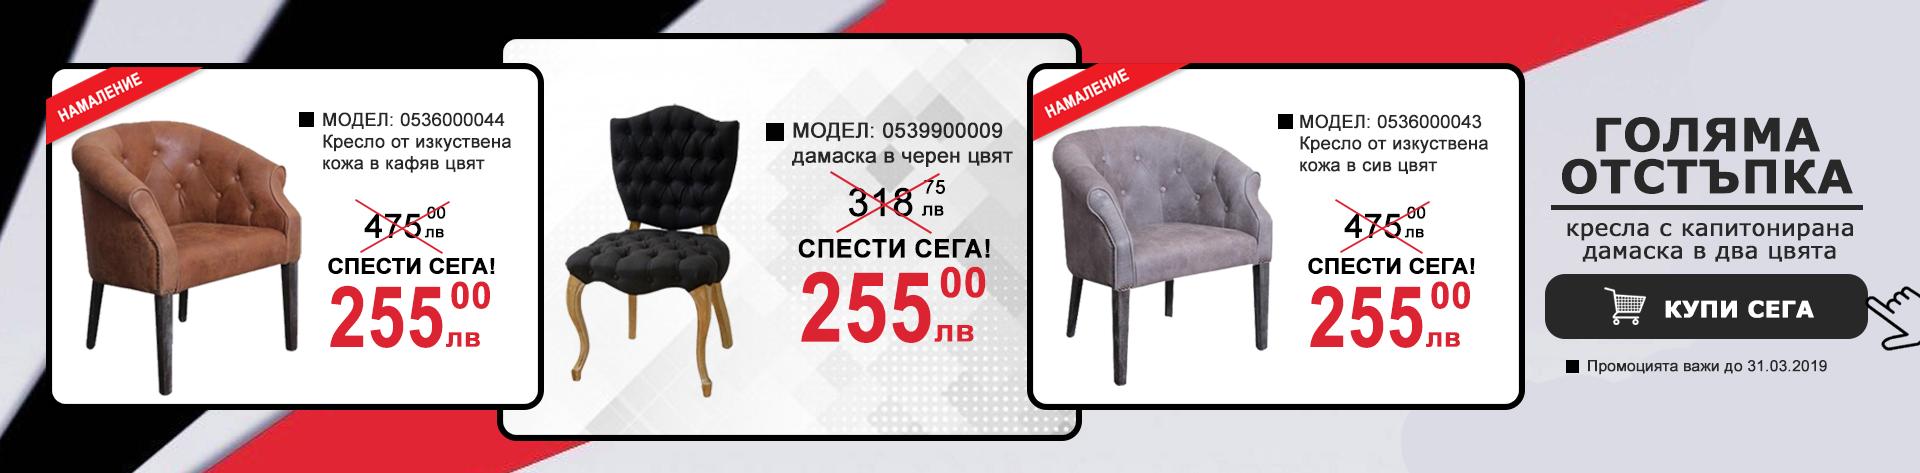 Кресла на промоция